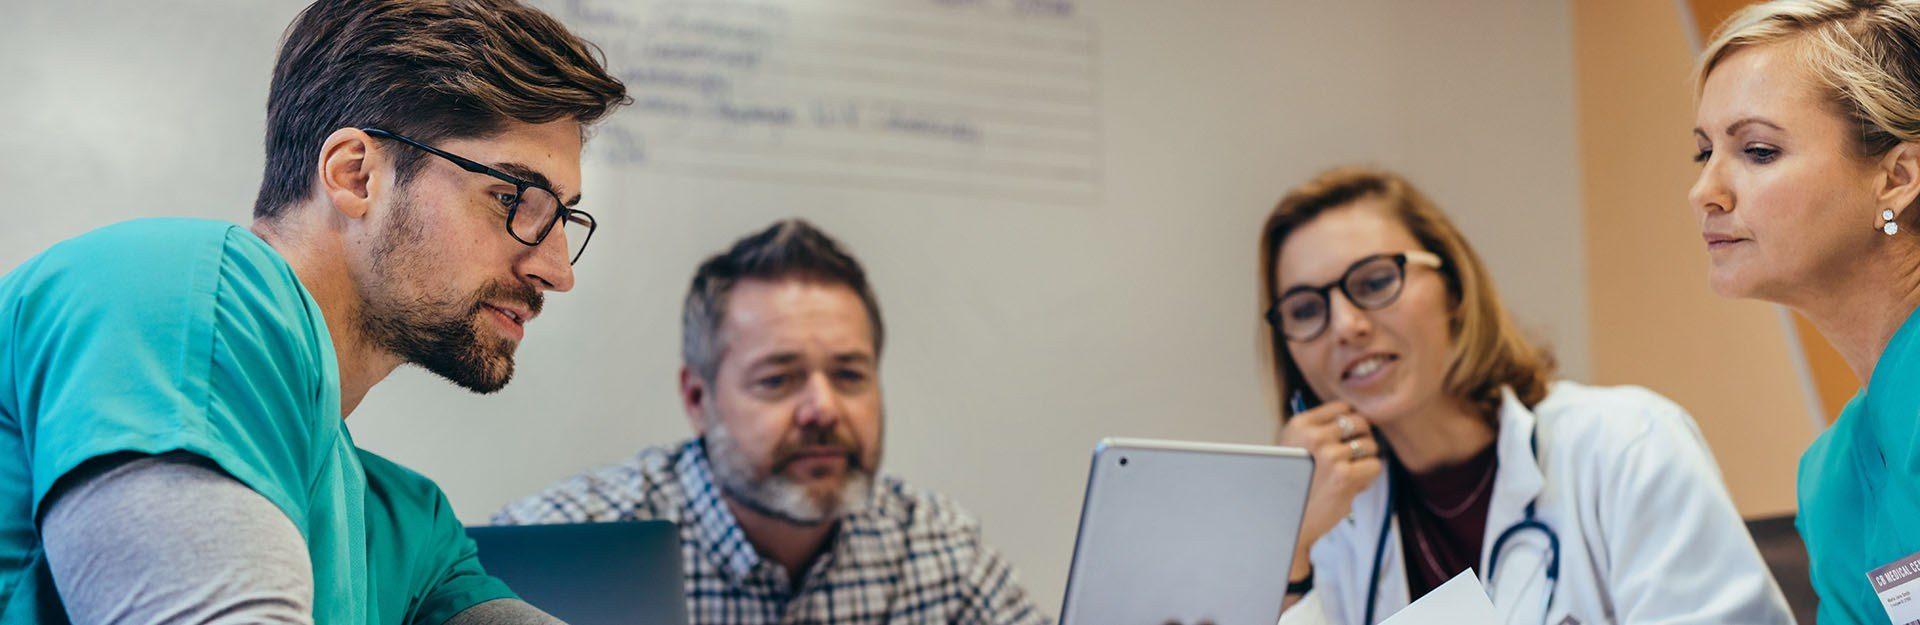 Eine Frau und zwei Männer schauen in den Bildschirm